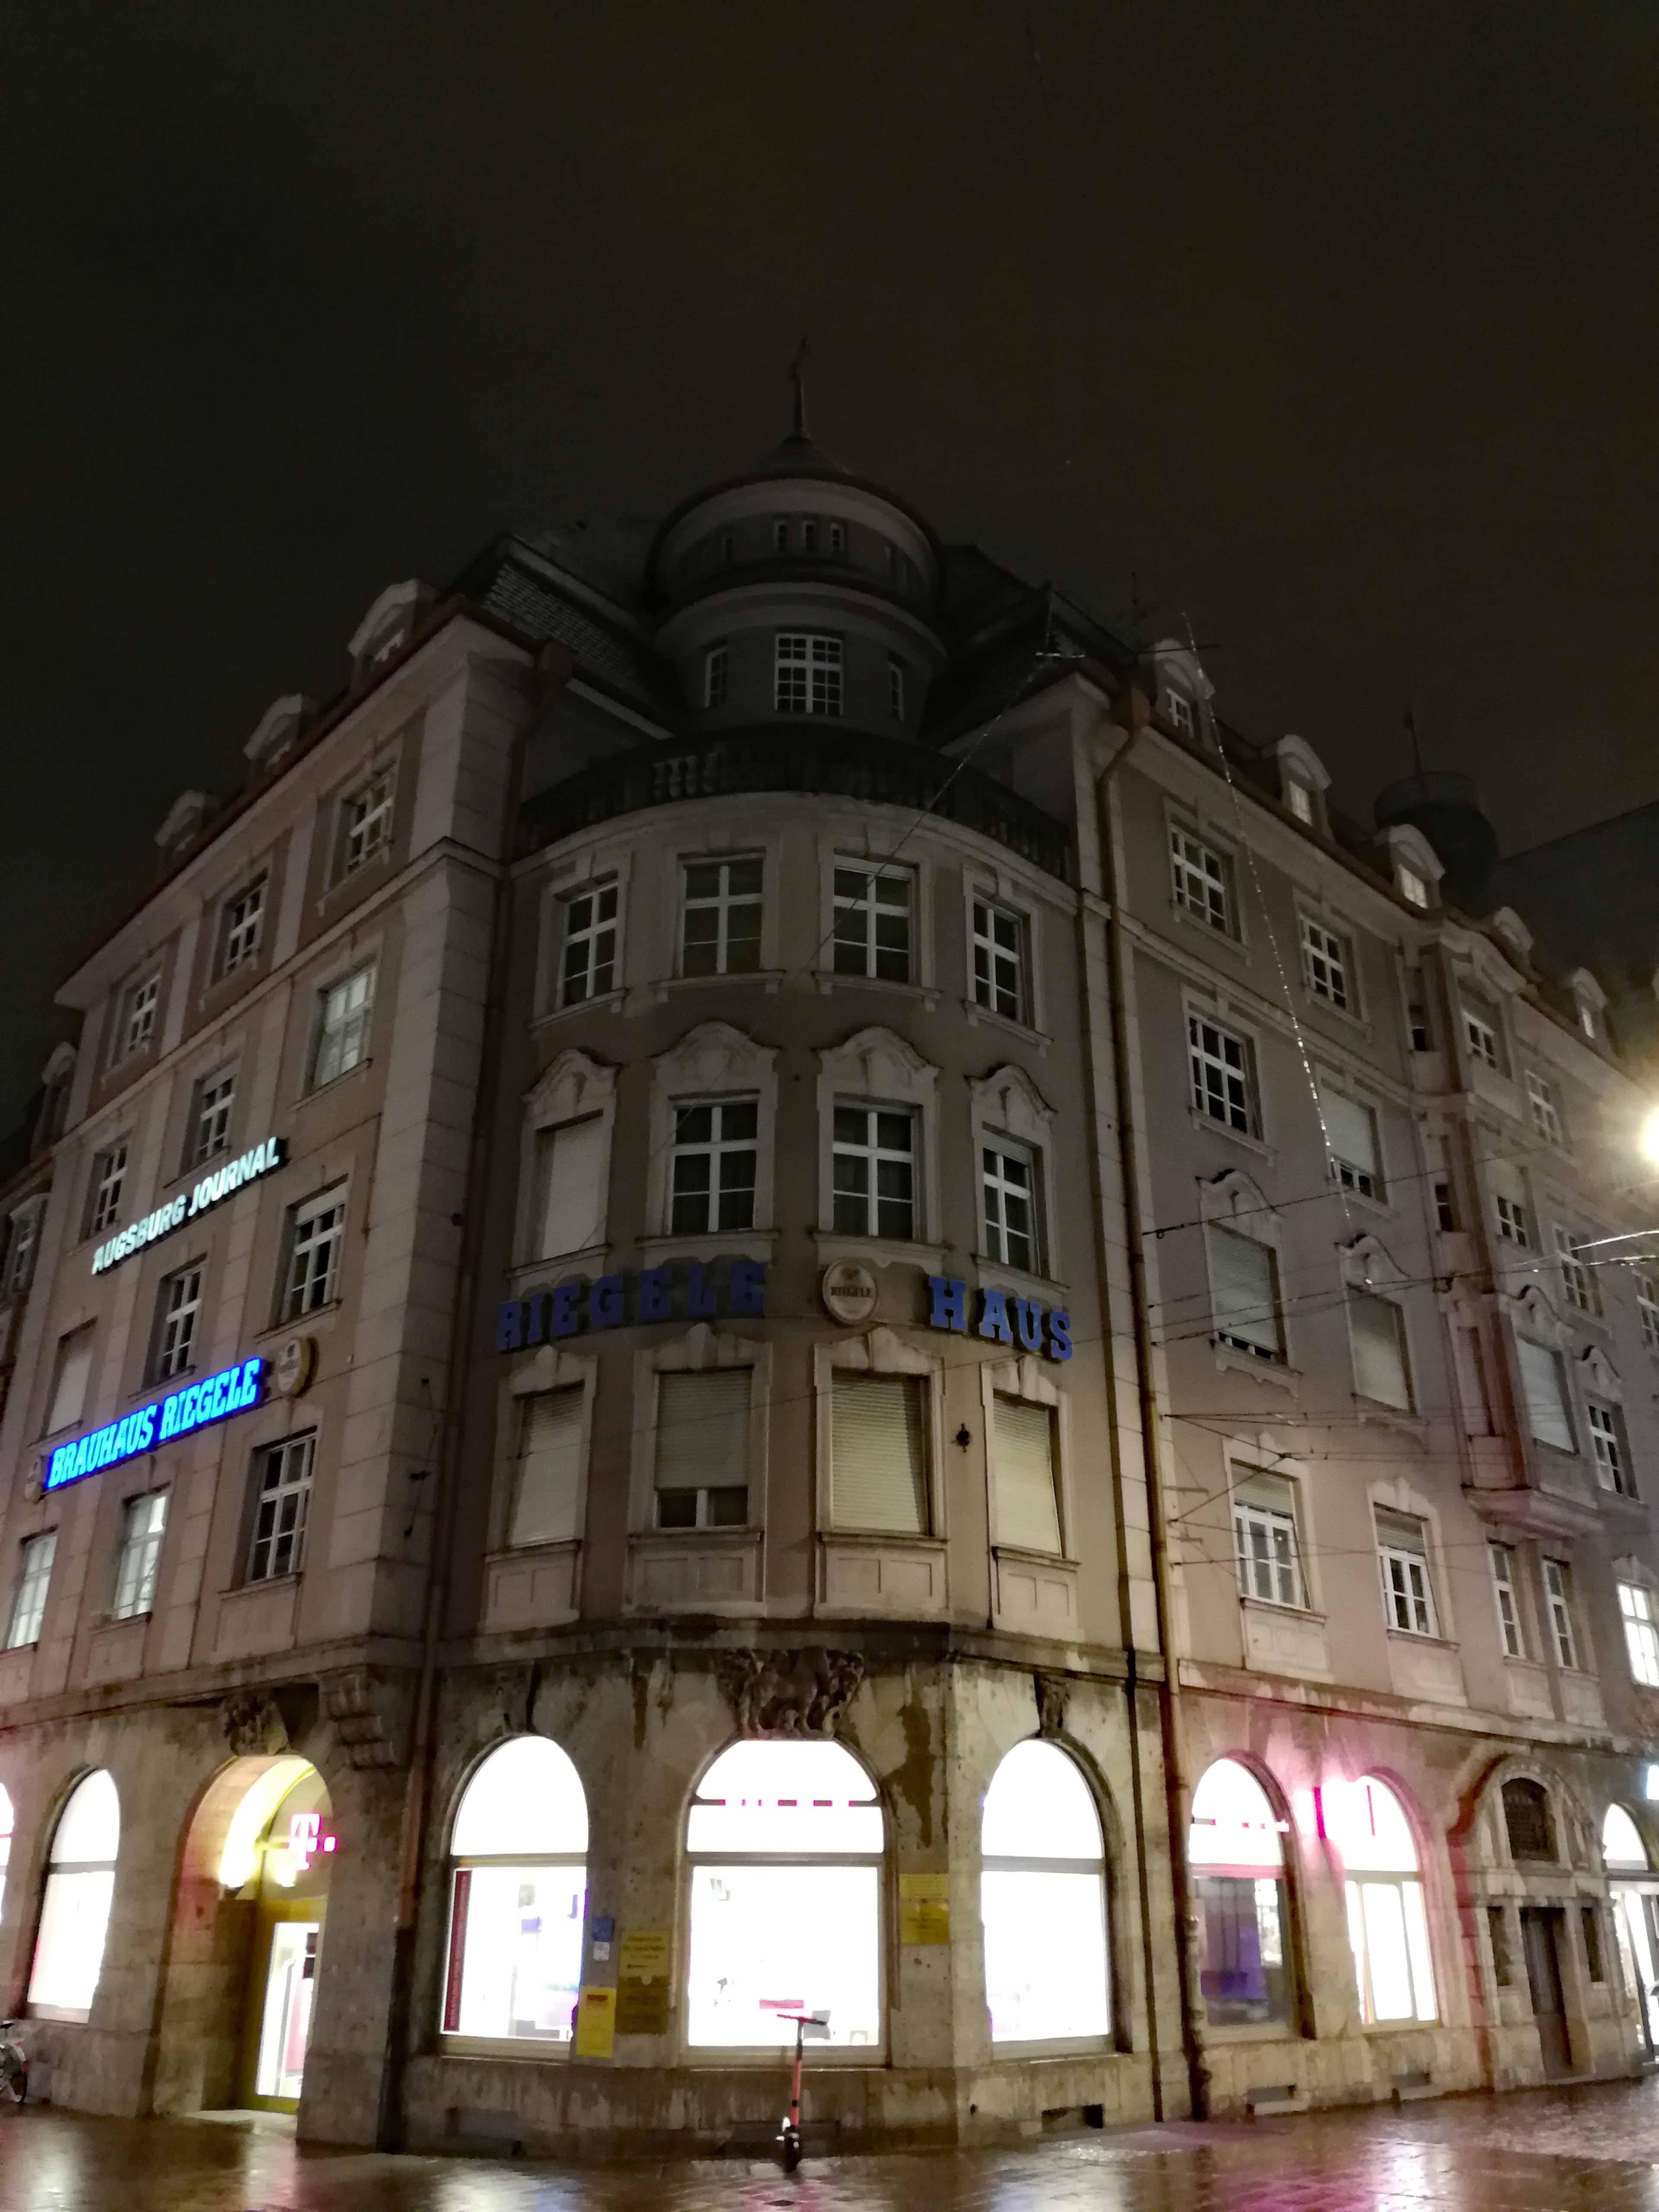 Riegele-Haus